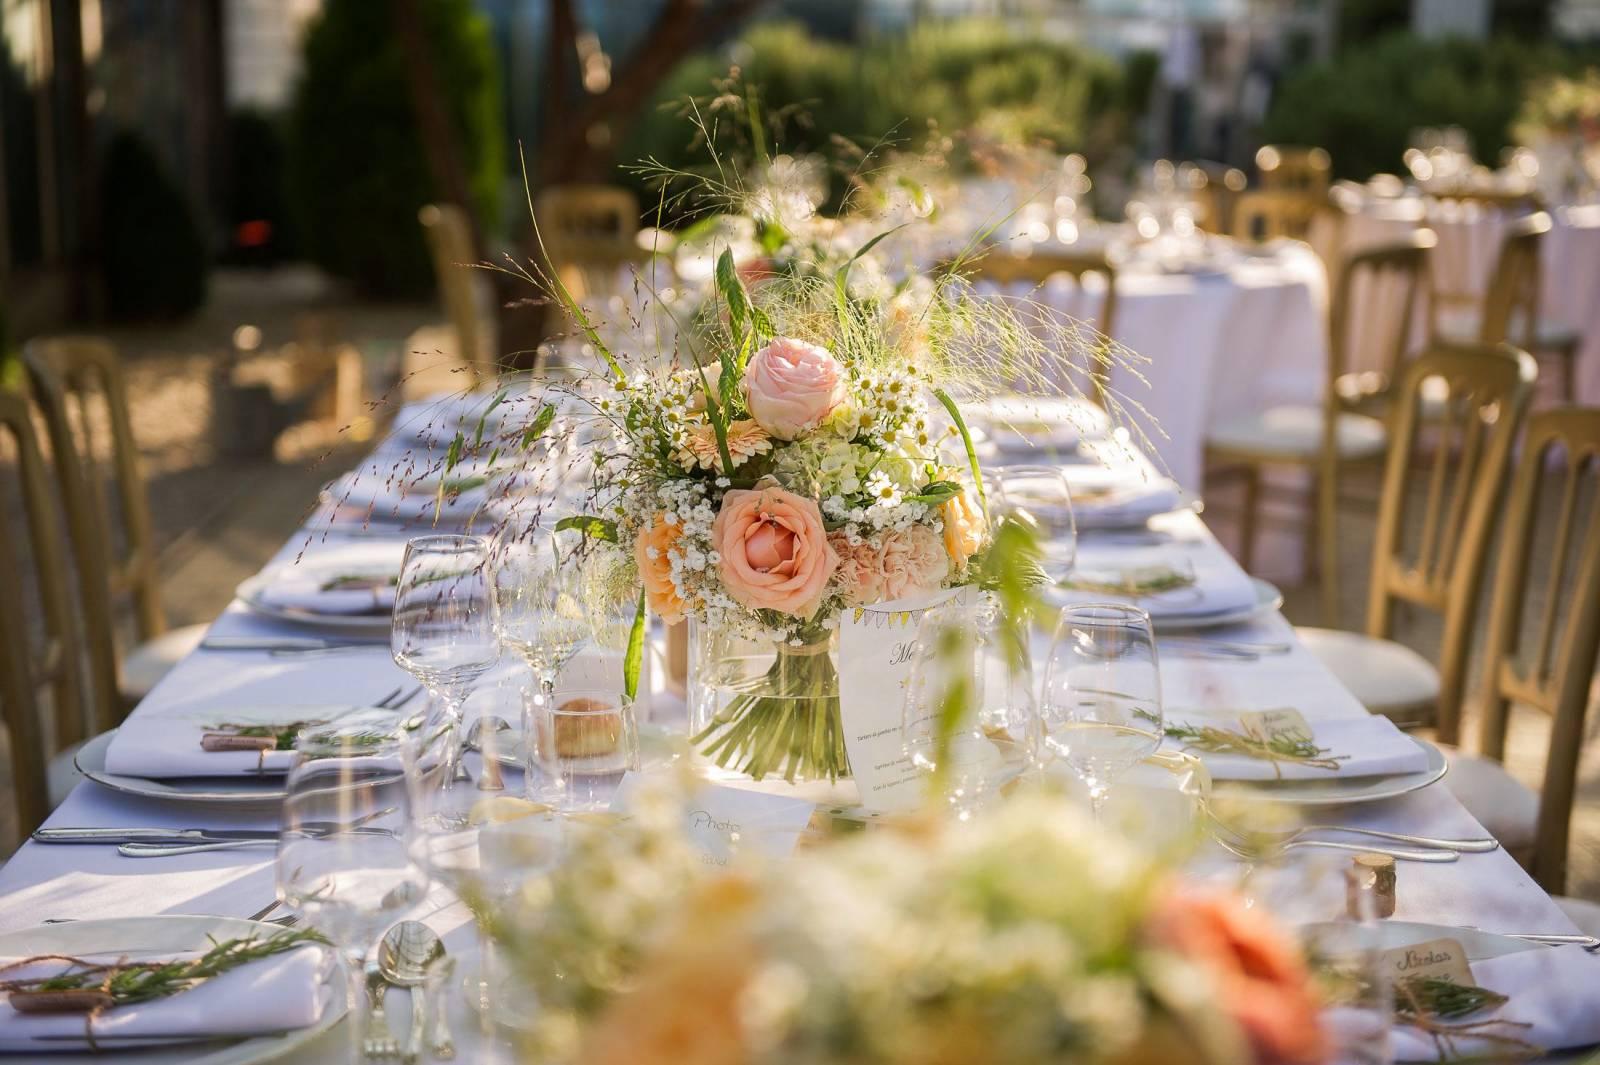 Floral Artists - Bloemen huwelijk trouw bruiloft - Bruidsboeket - Bloemendecoratie - House of Weddings - 22